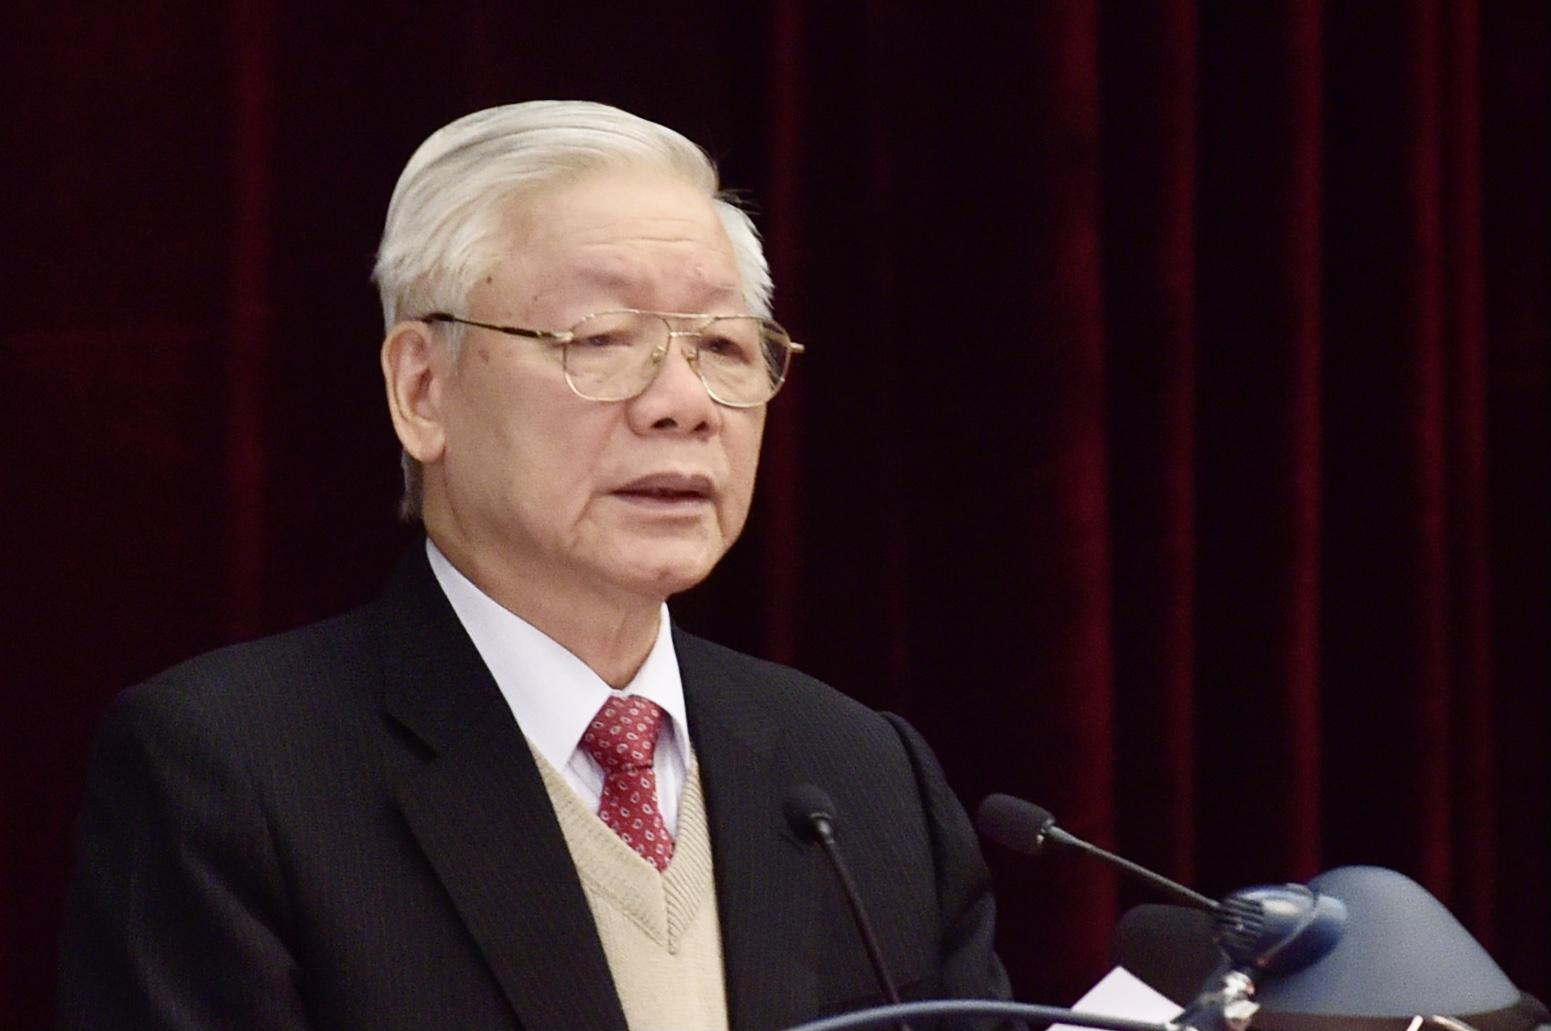 Tổng Bí thư, Chủ tịch nước Nguyễn Phú Trọng phát biểu khai mạc Hội nghị Trung ương 15. Ảnh: VGP/Nhật Bắc